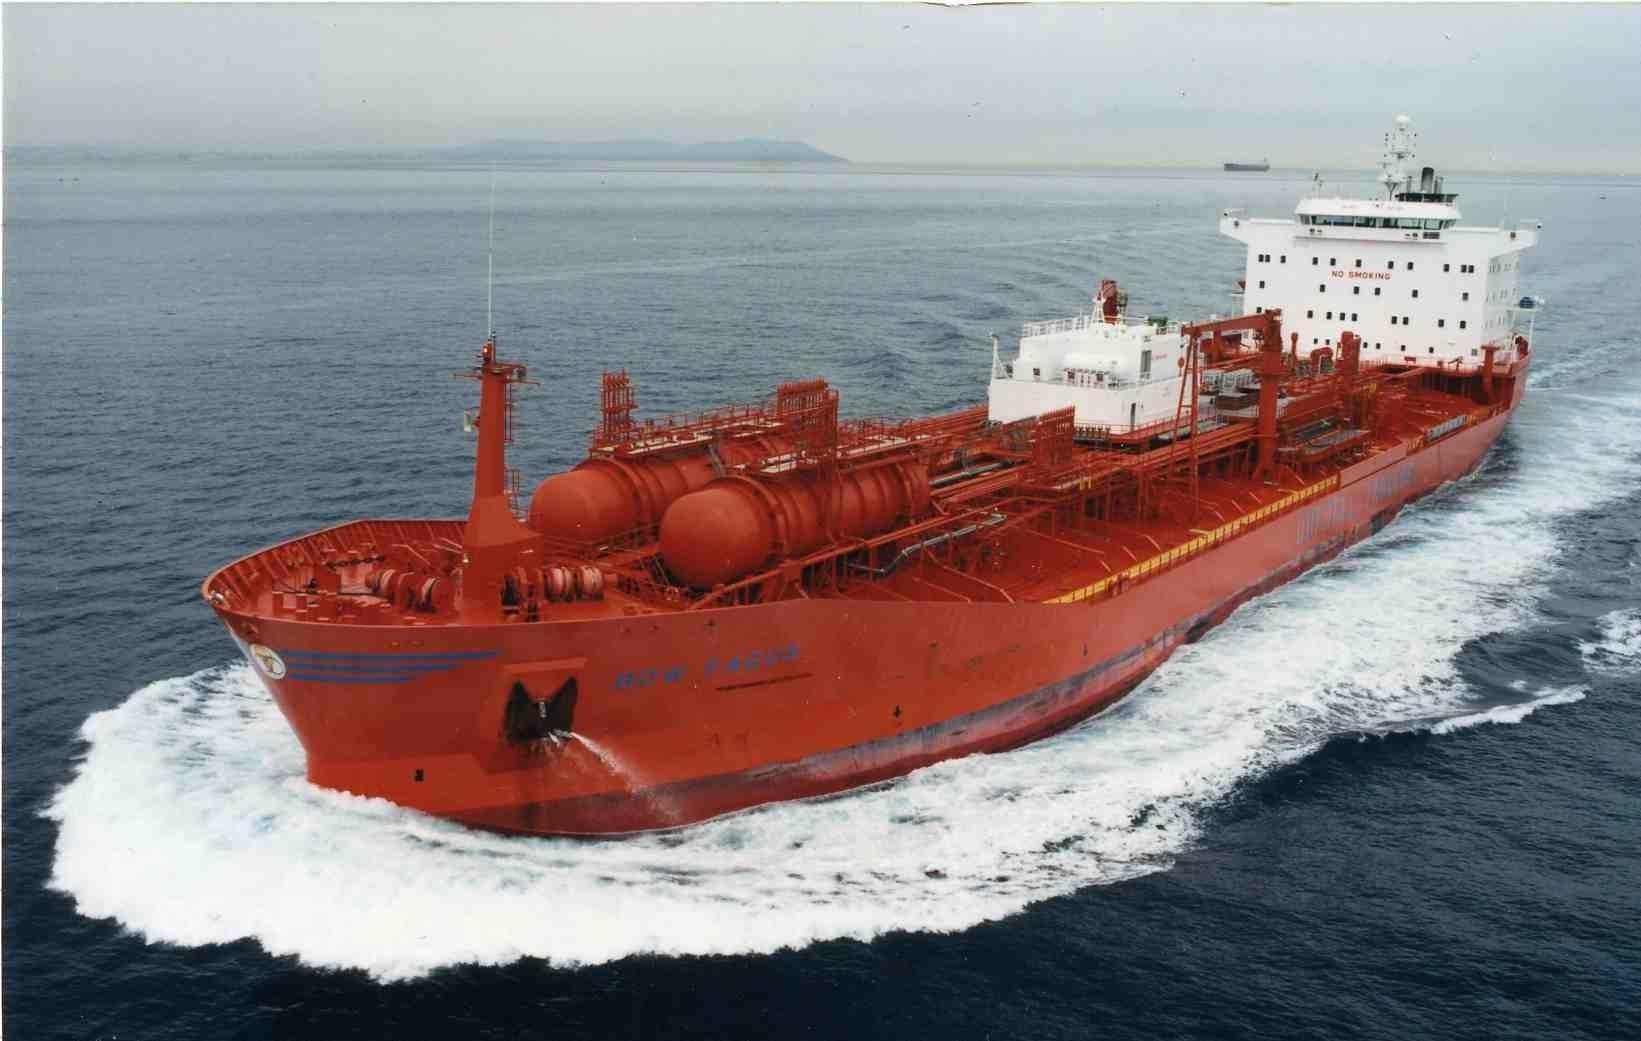 ОАЭ отправили 1-ый груз нефти встратегическое хранилище вИндии